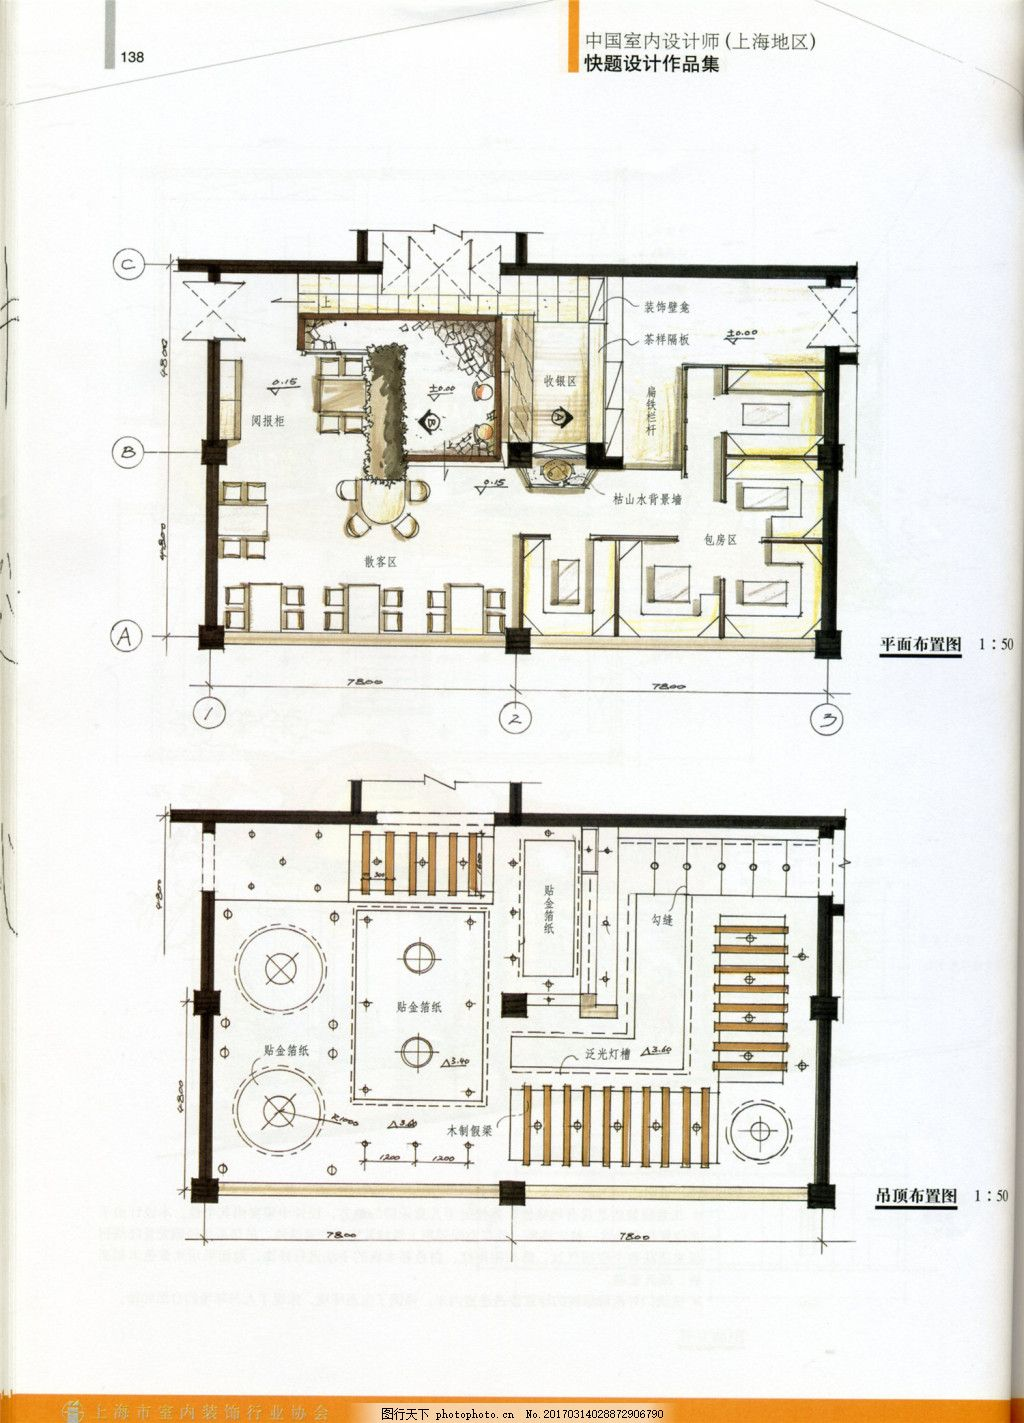 餐厅工装平面图 室内设计 工装效果图 施工图 工装效果图免费下载